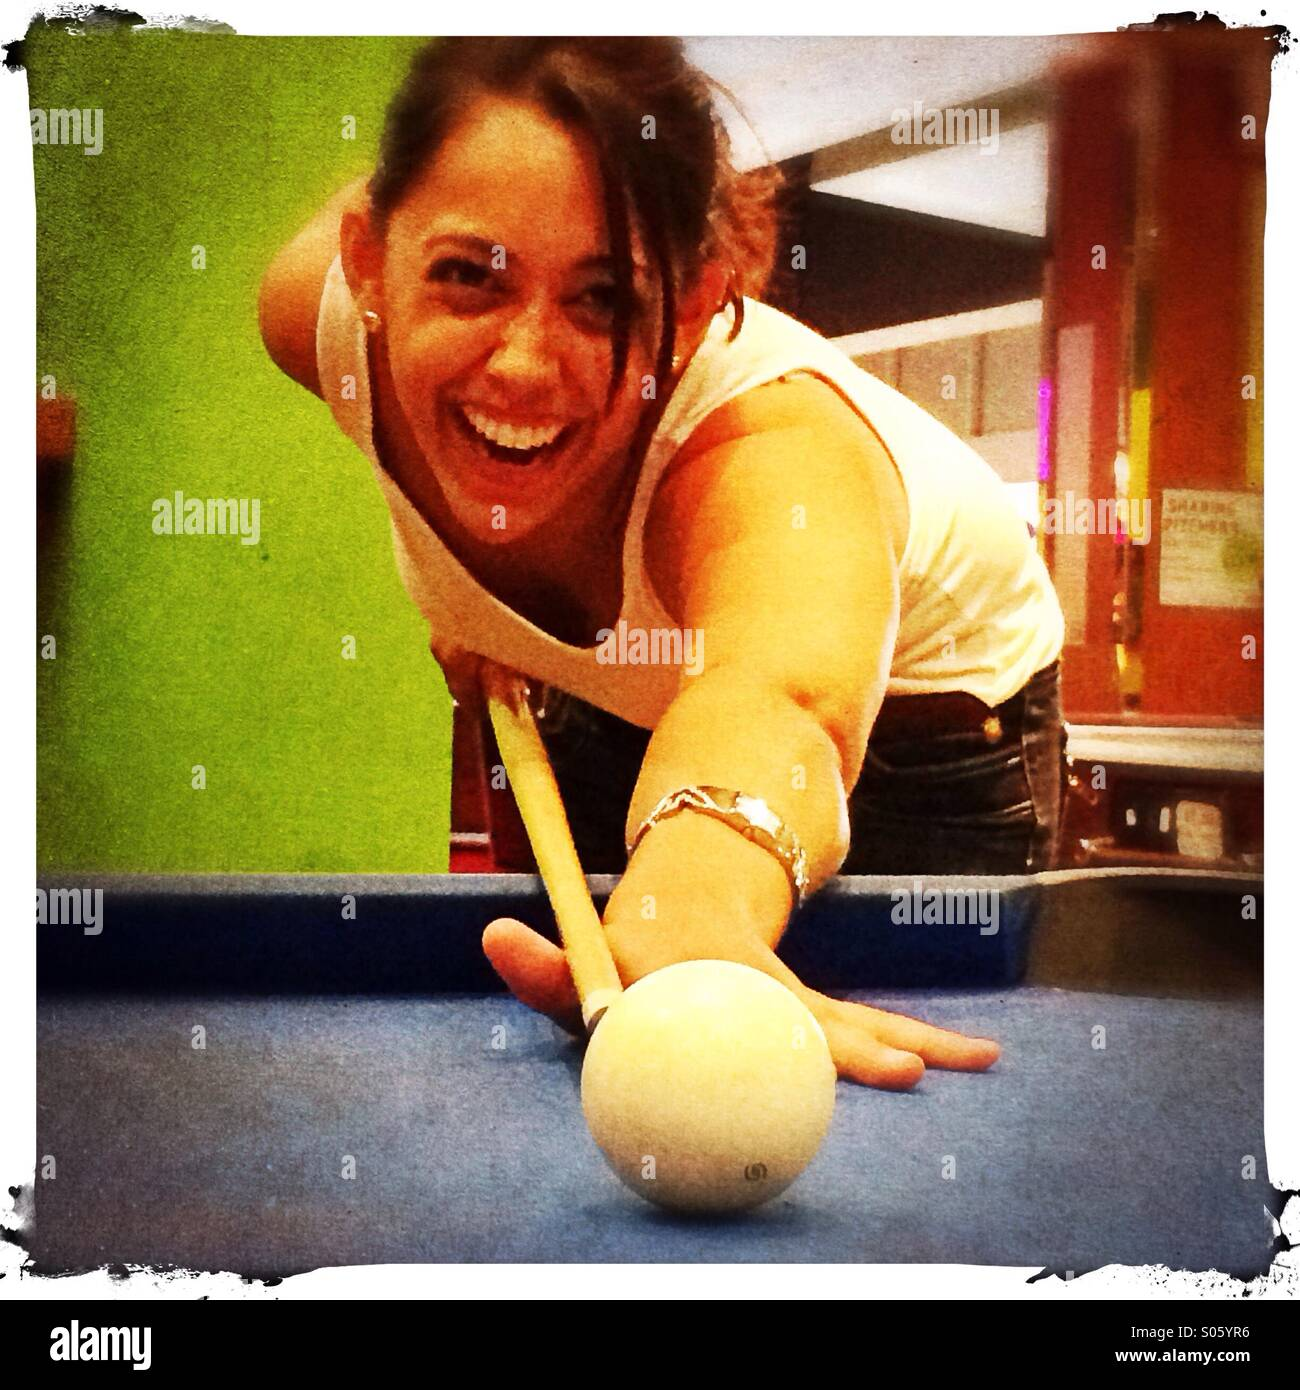 young-woman-playing-pool-uk-S05YR6.jpg